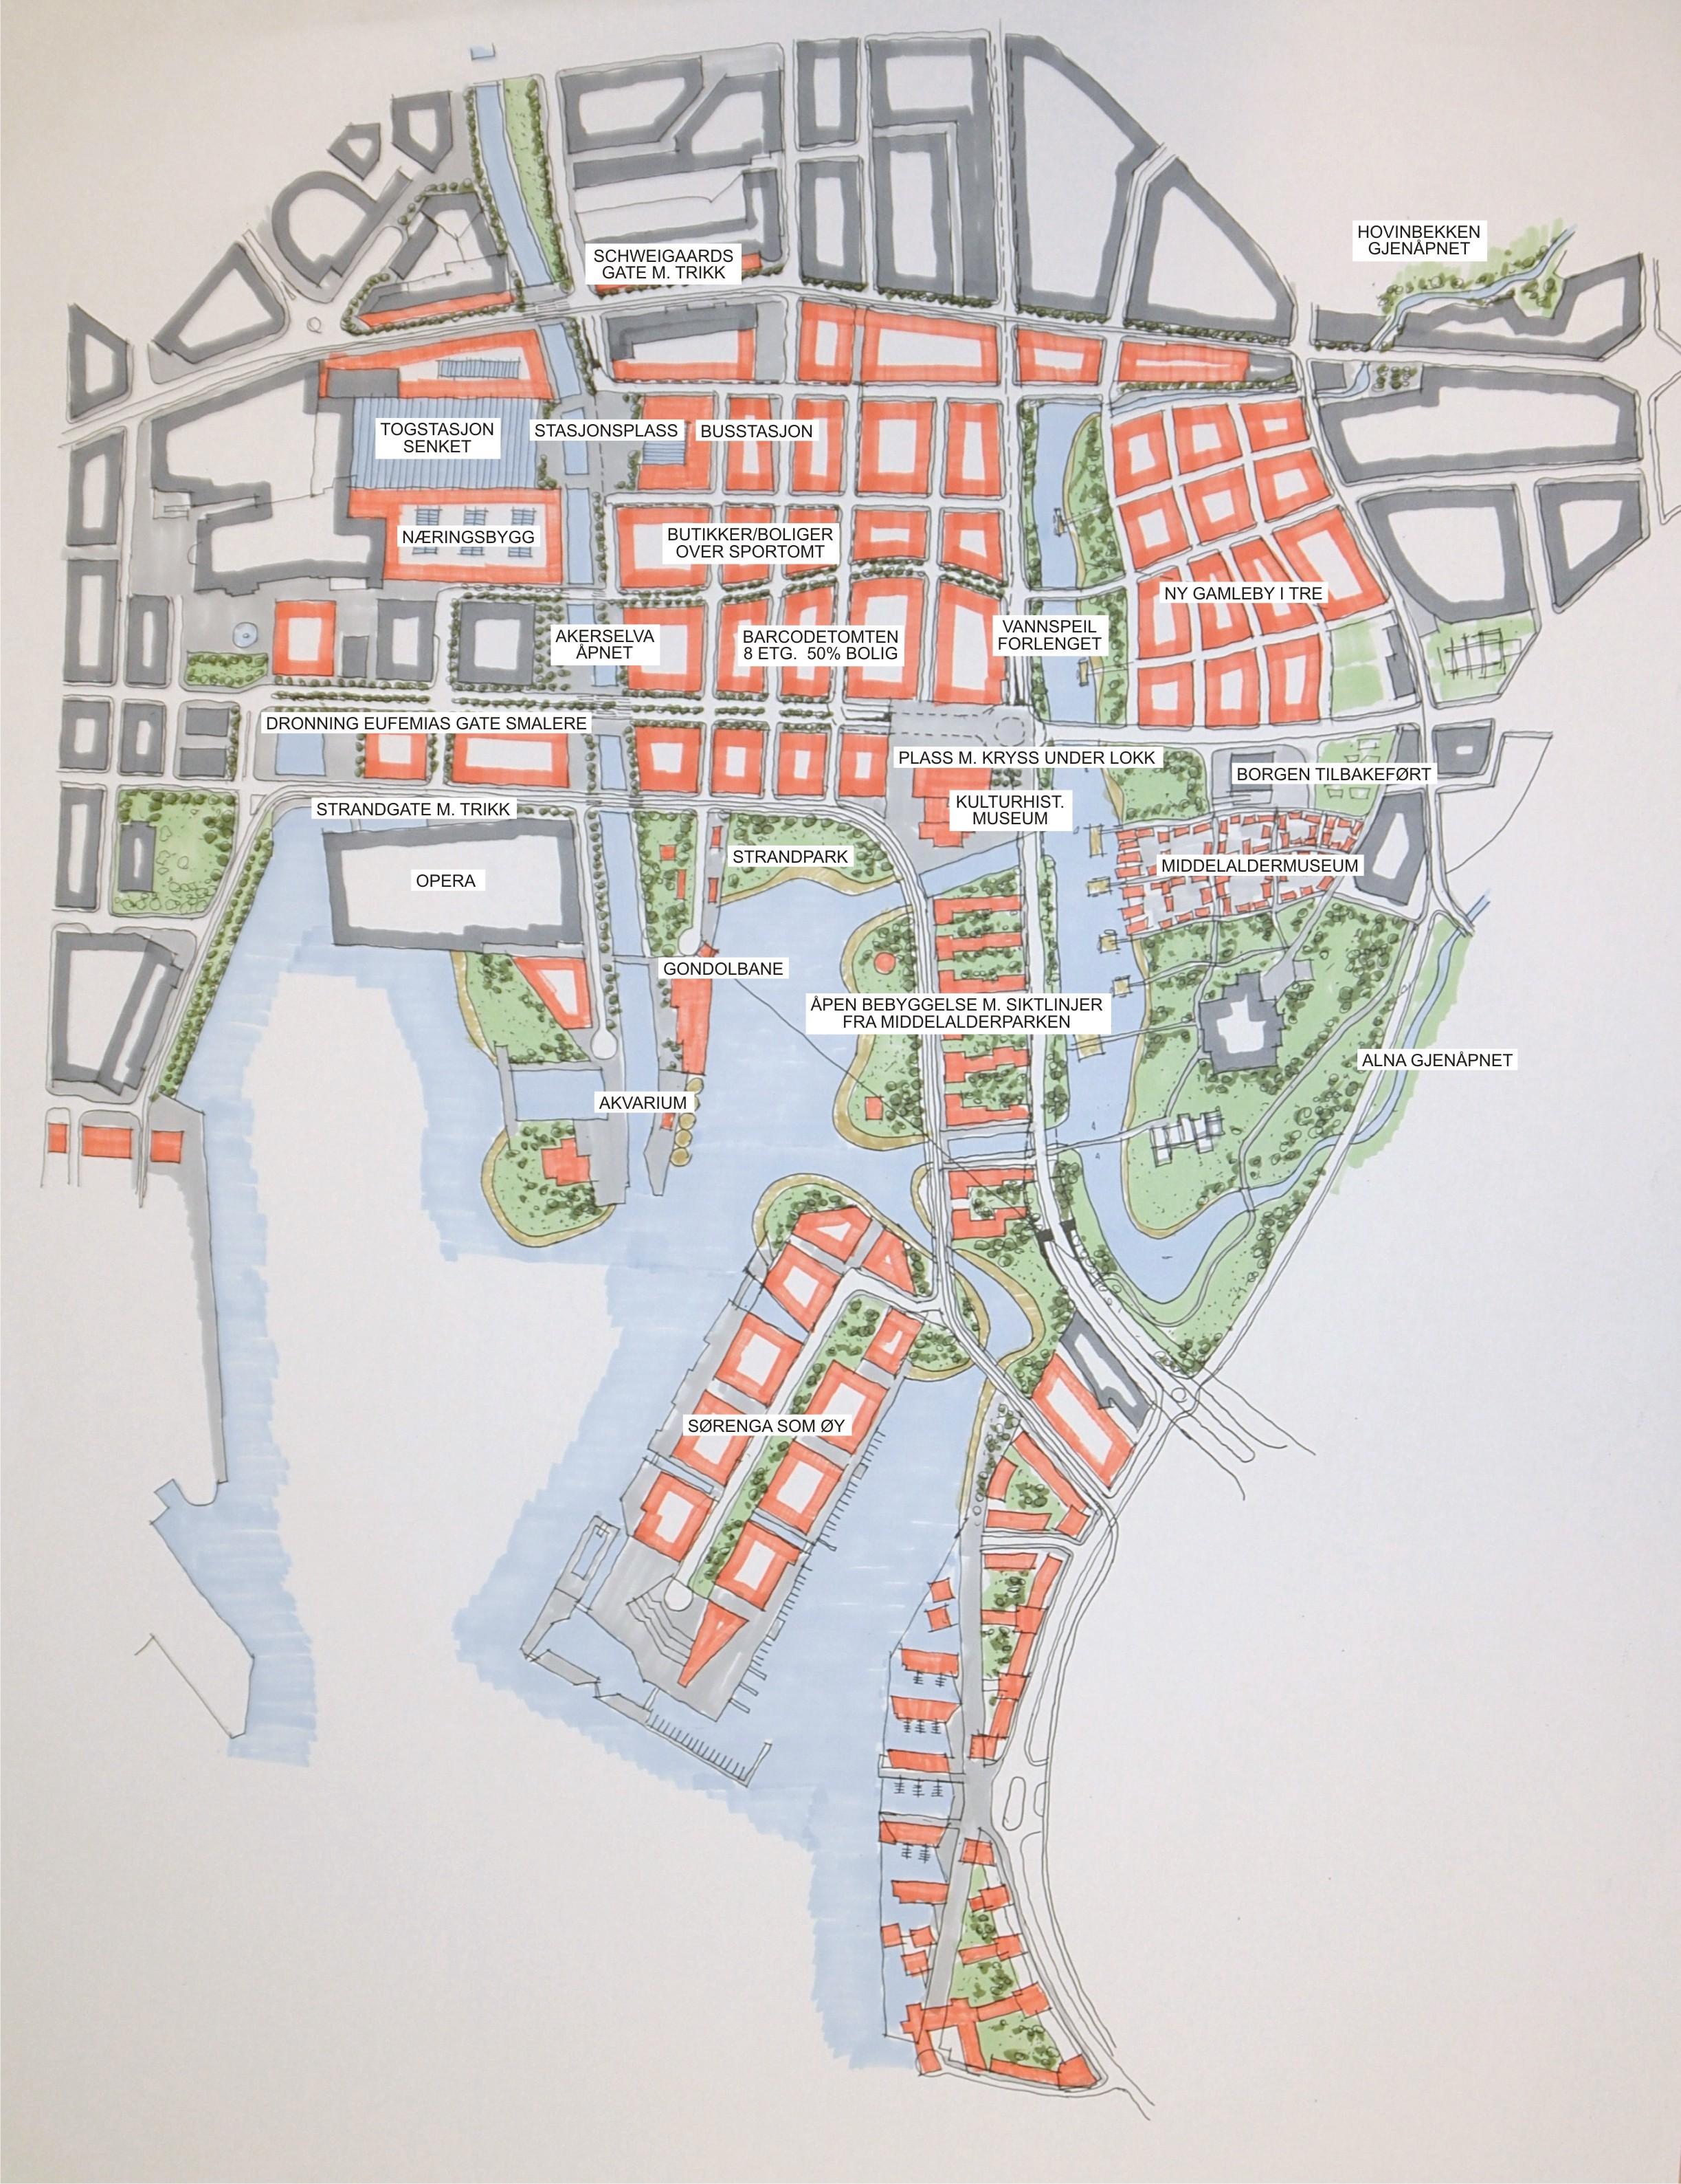 middelalderparken kart Plansmie for utvikling av Bjørvika middelalderparken kart